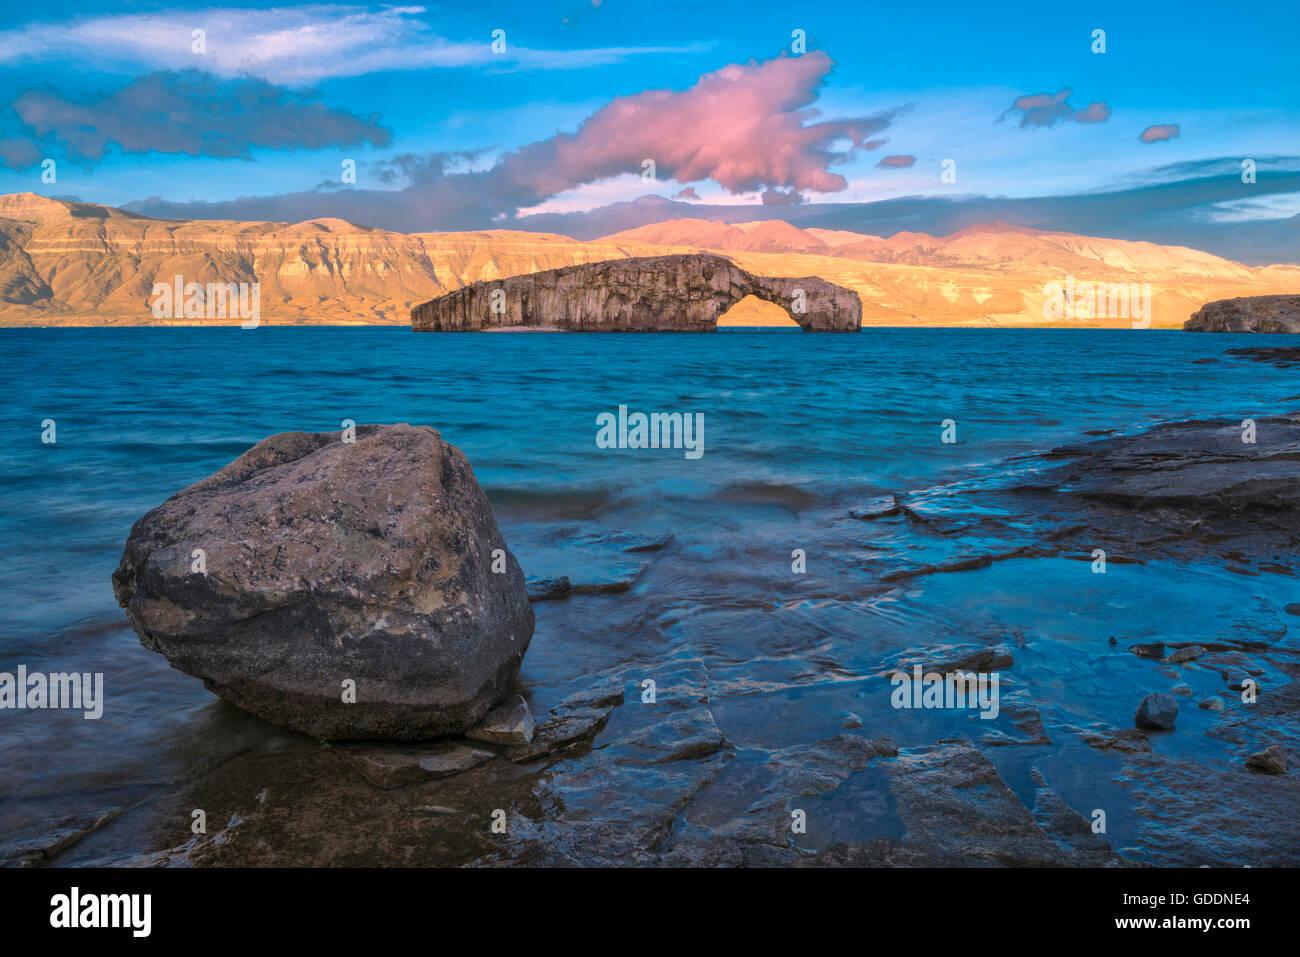 América del Sur,Patagonia,Argentina,Lago Posadas,arco de roca en Lago Puyrredon, Imagen De Stock